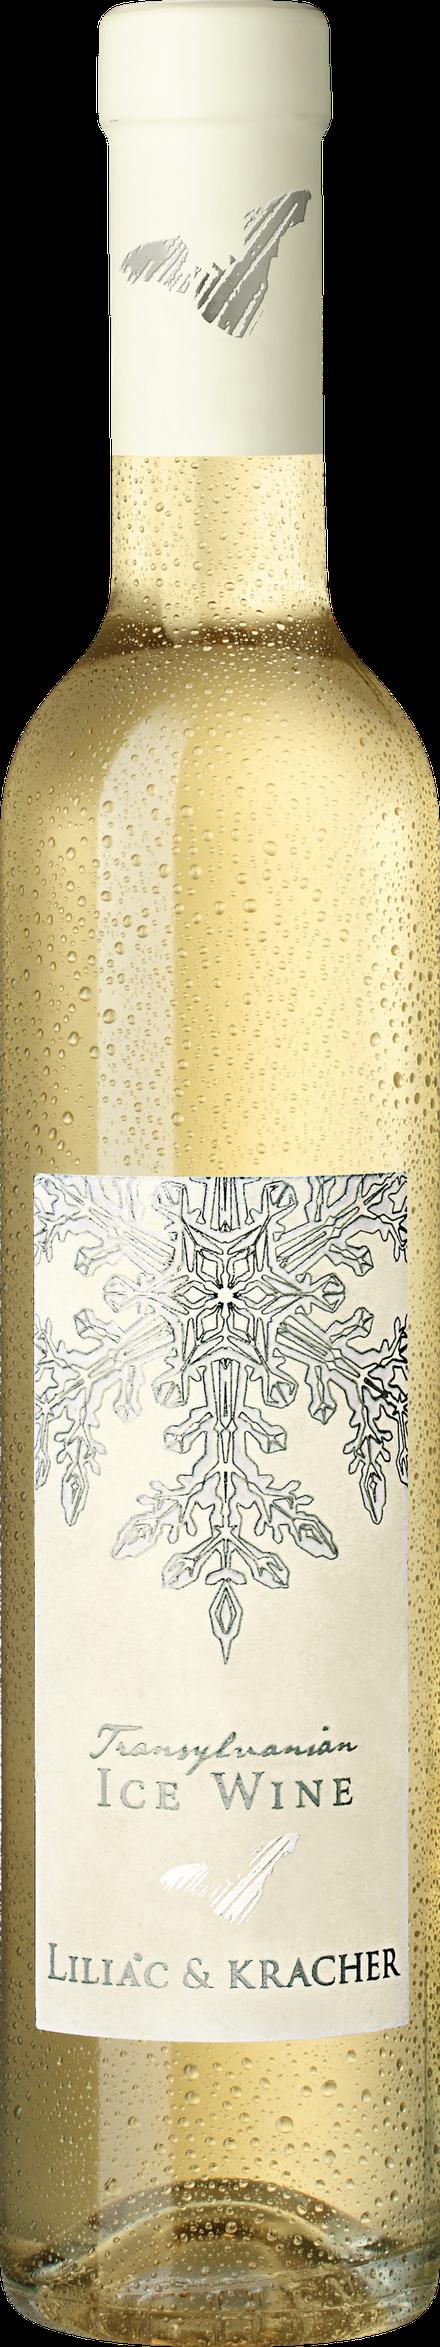 Kracher Ice Wine